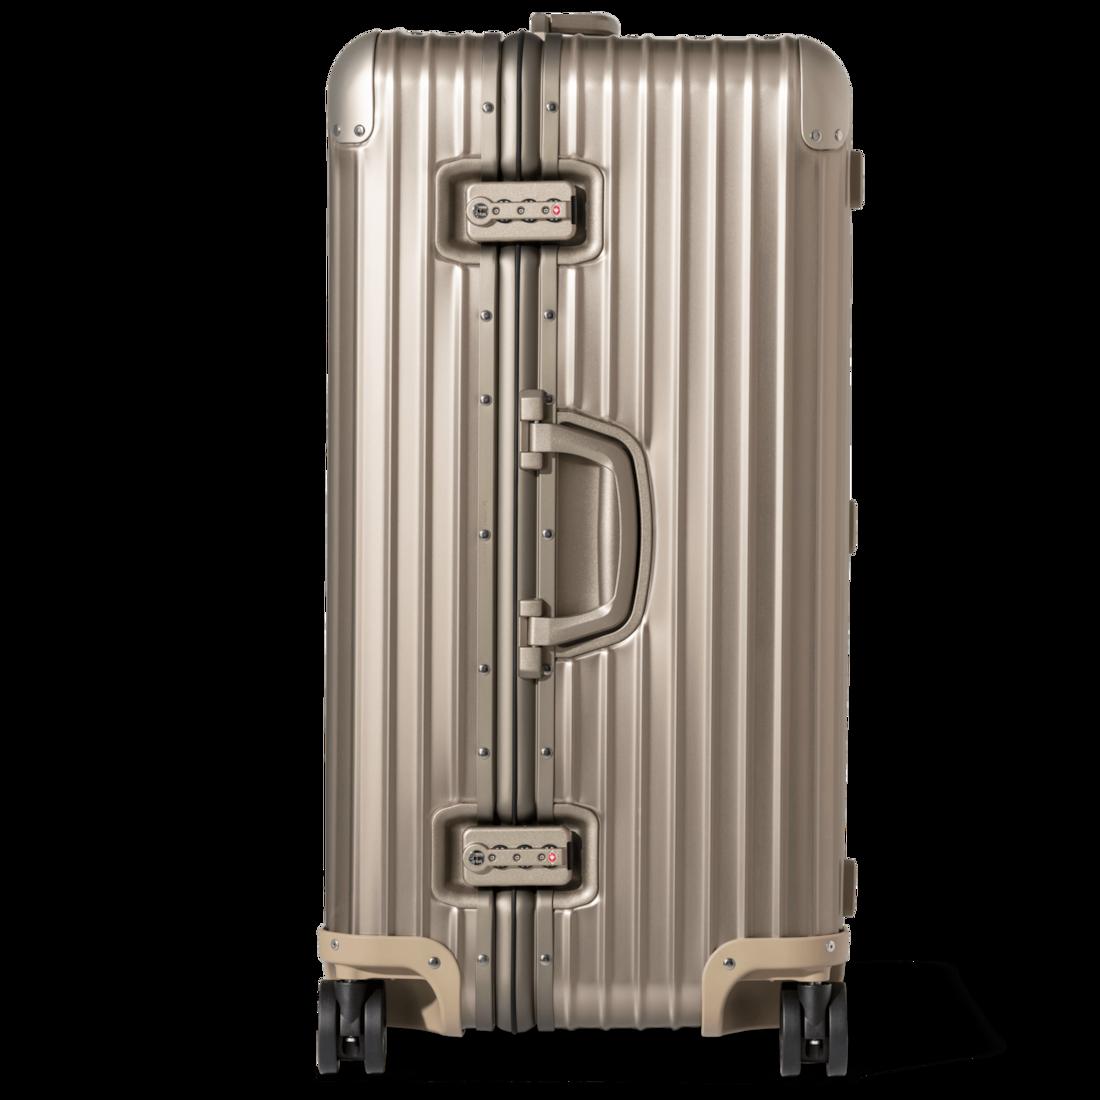 RIMOWA(リモワ)おすすめのブランドスーツケース3